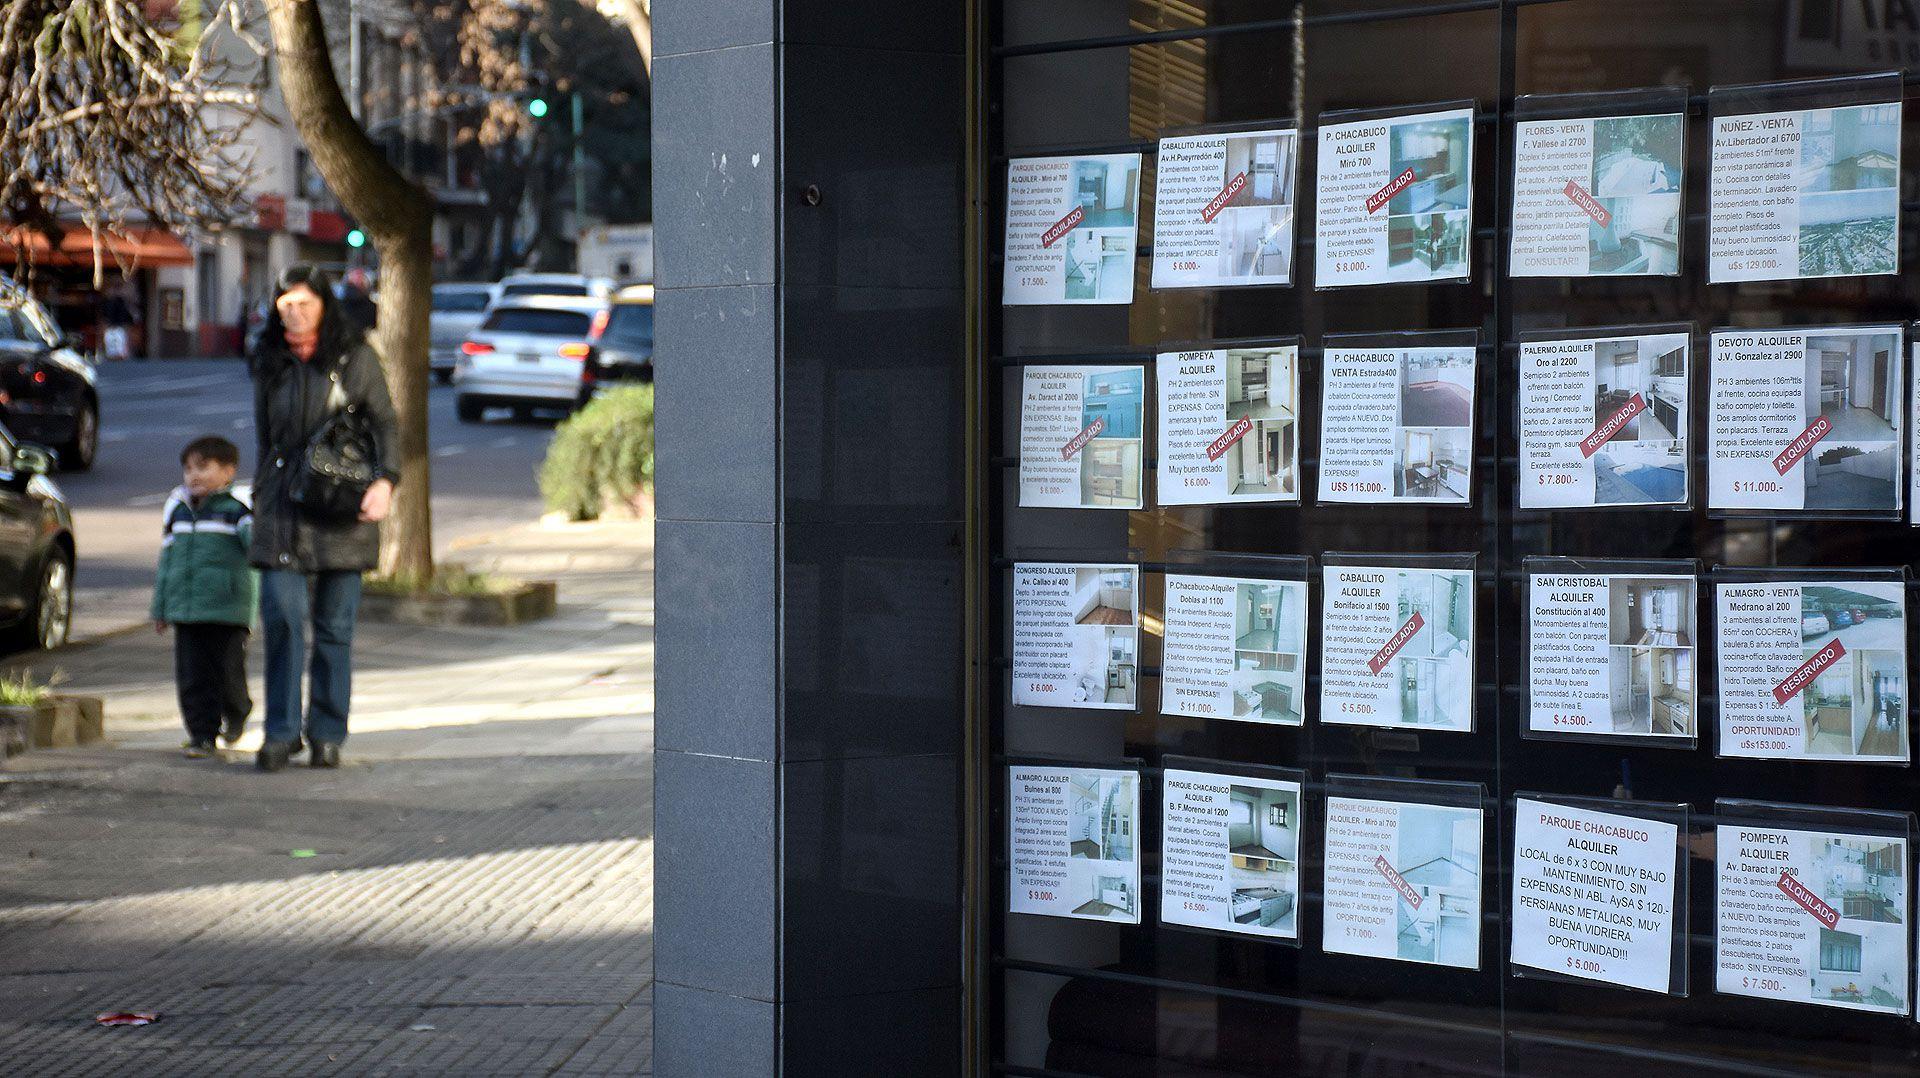 Leve baja en los precios marca un cambio de tendencia en el sector inmobiliario